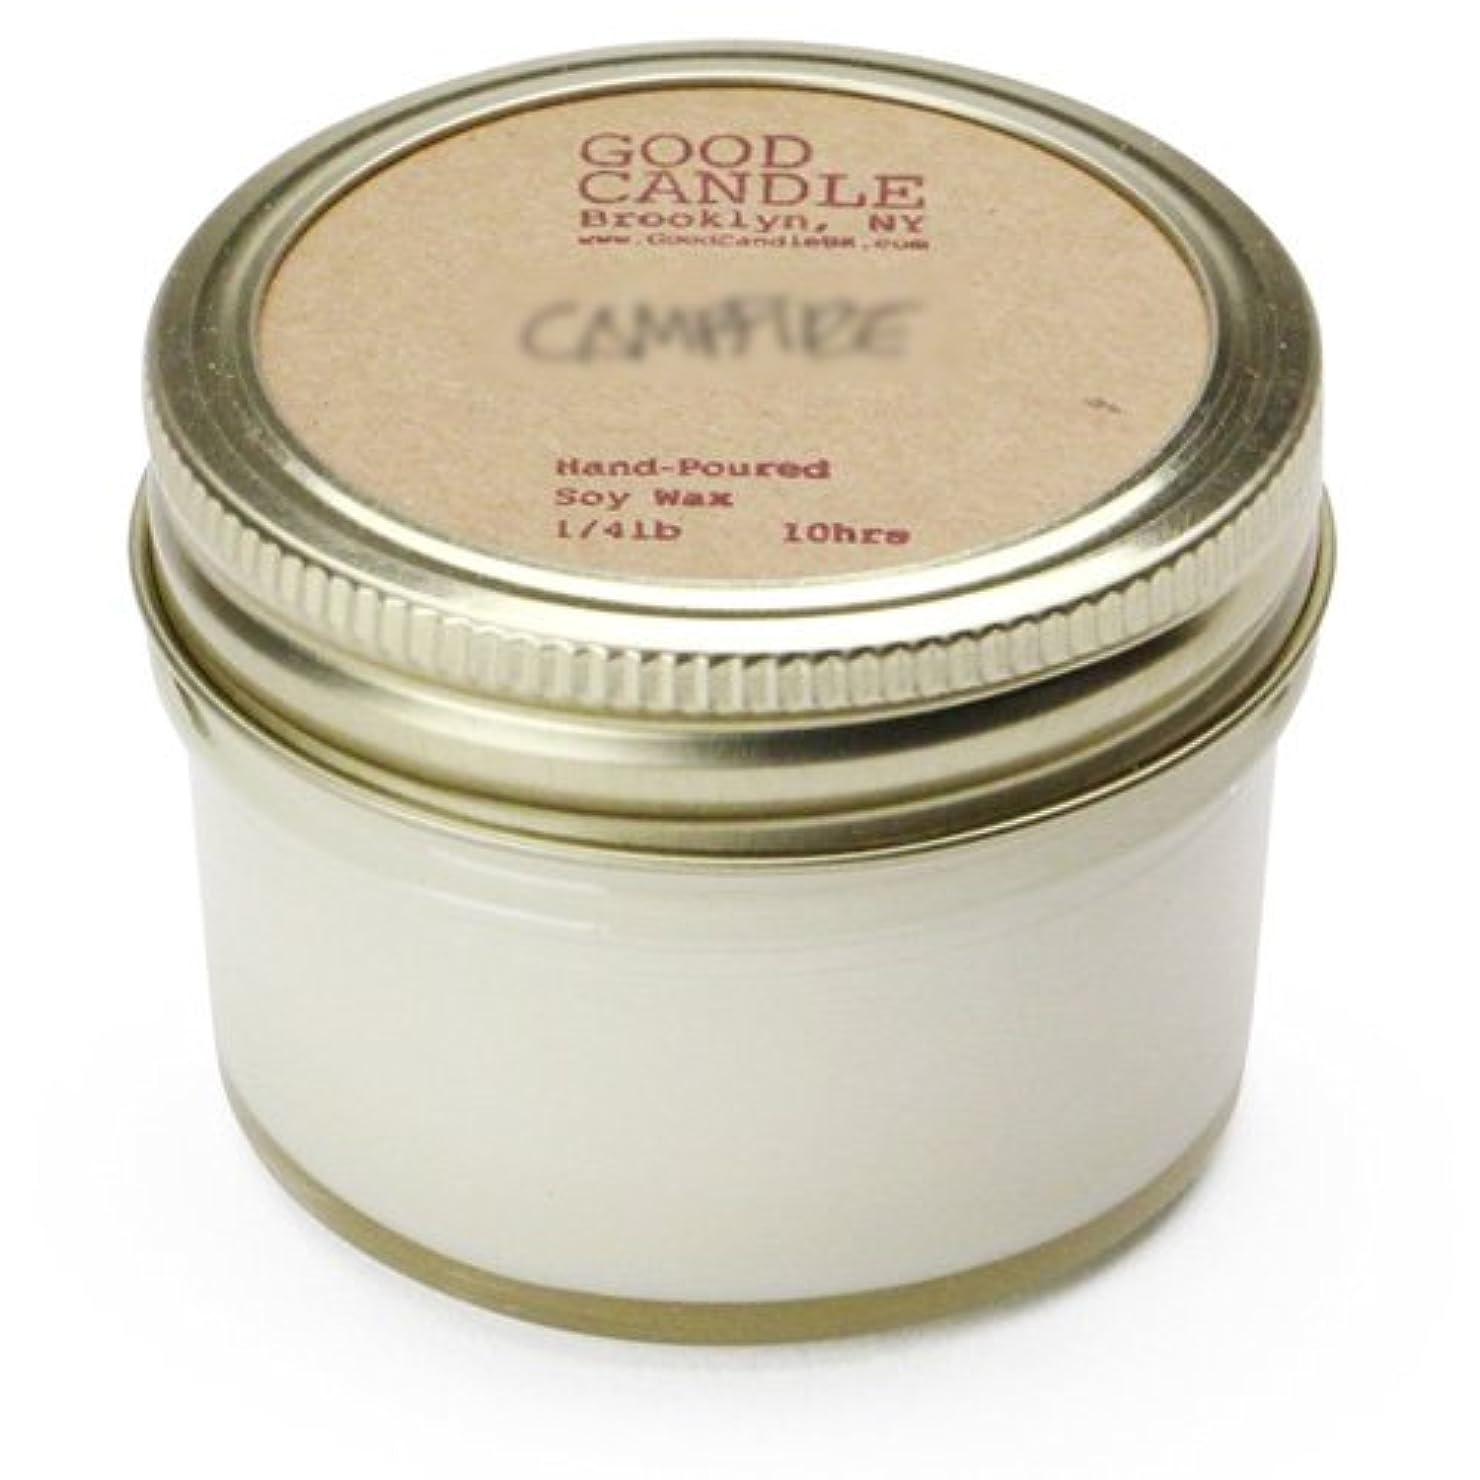 中毒浜辺橋脚グッドキャンドル 1/4ポンド ゼリージャー キャンドル Good Candle 1/4LB Jelly jar candle [ Basil ] 正規品